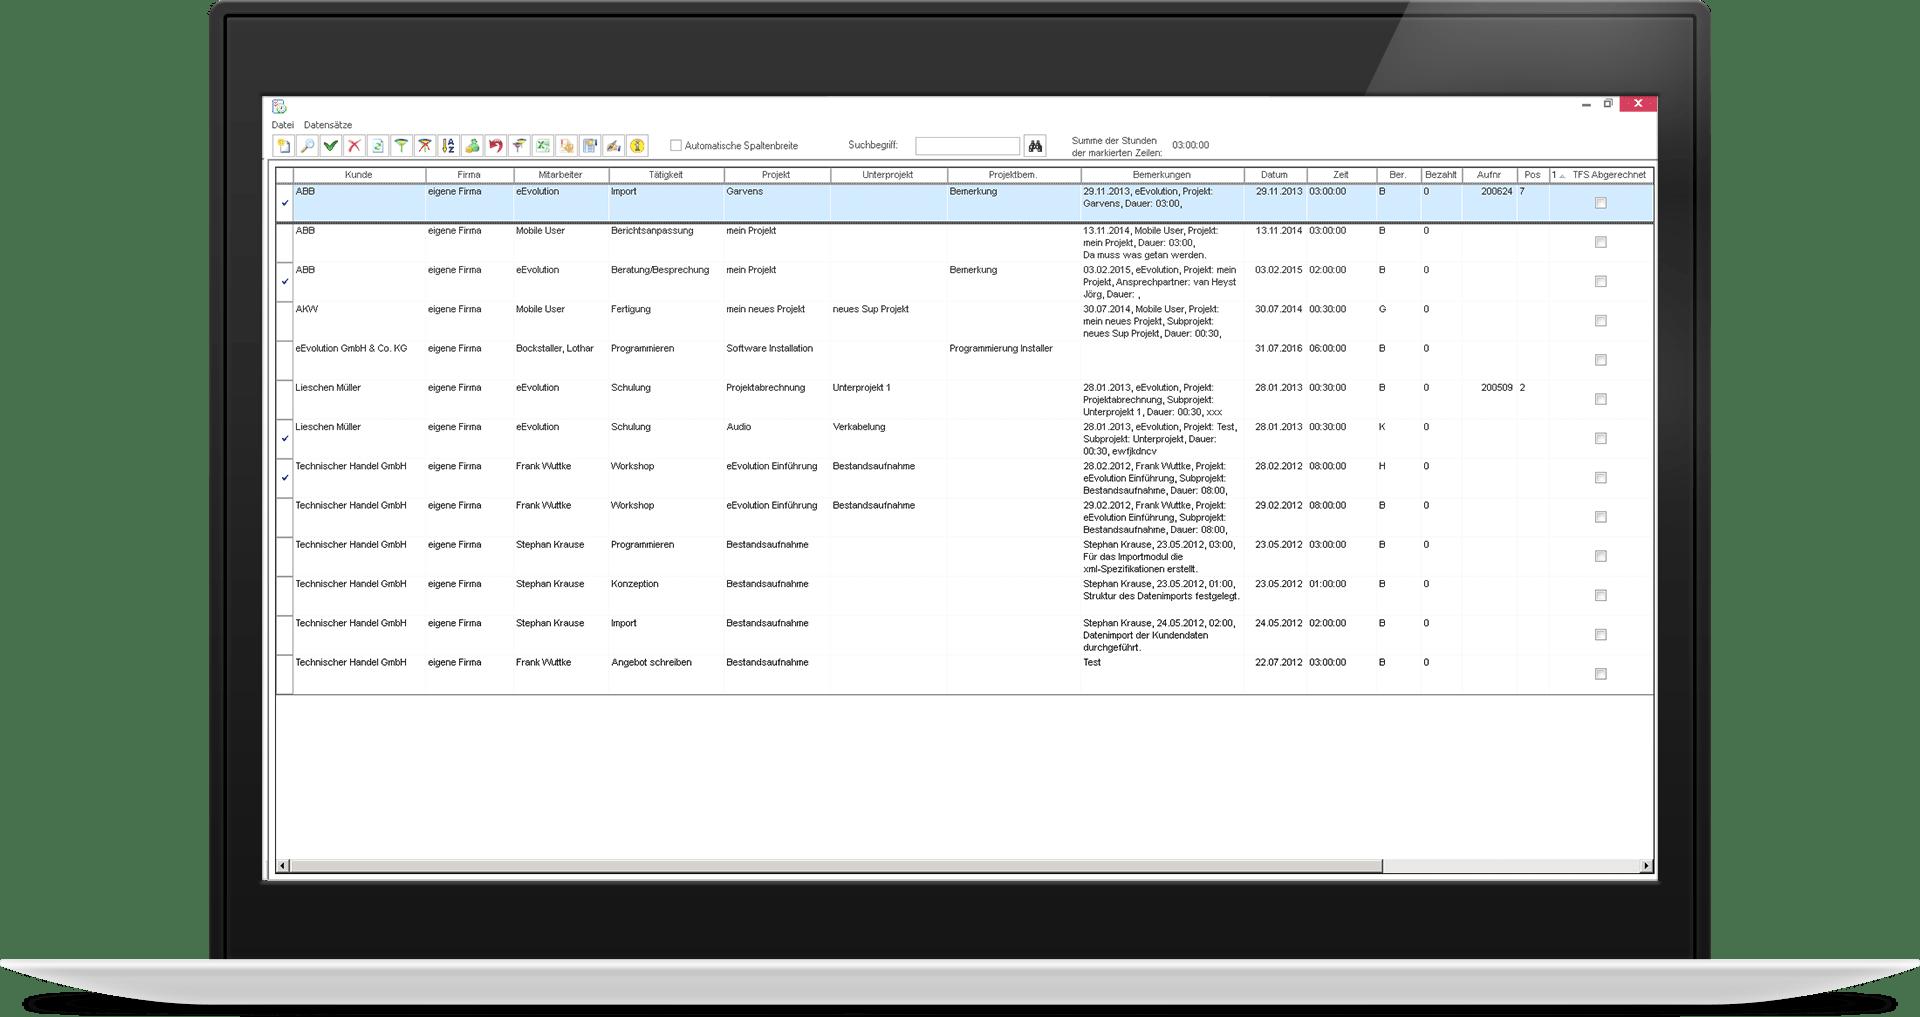 Ansicht aller eingetragenen Arbeitszeiten in der Projektabrechnung mit Details wie Projekt, Dauer, Bemerkungen.